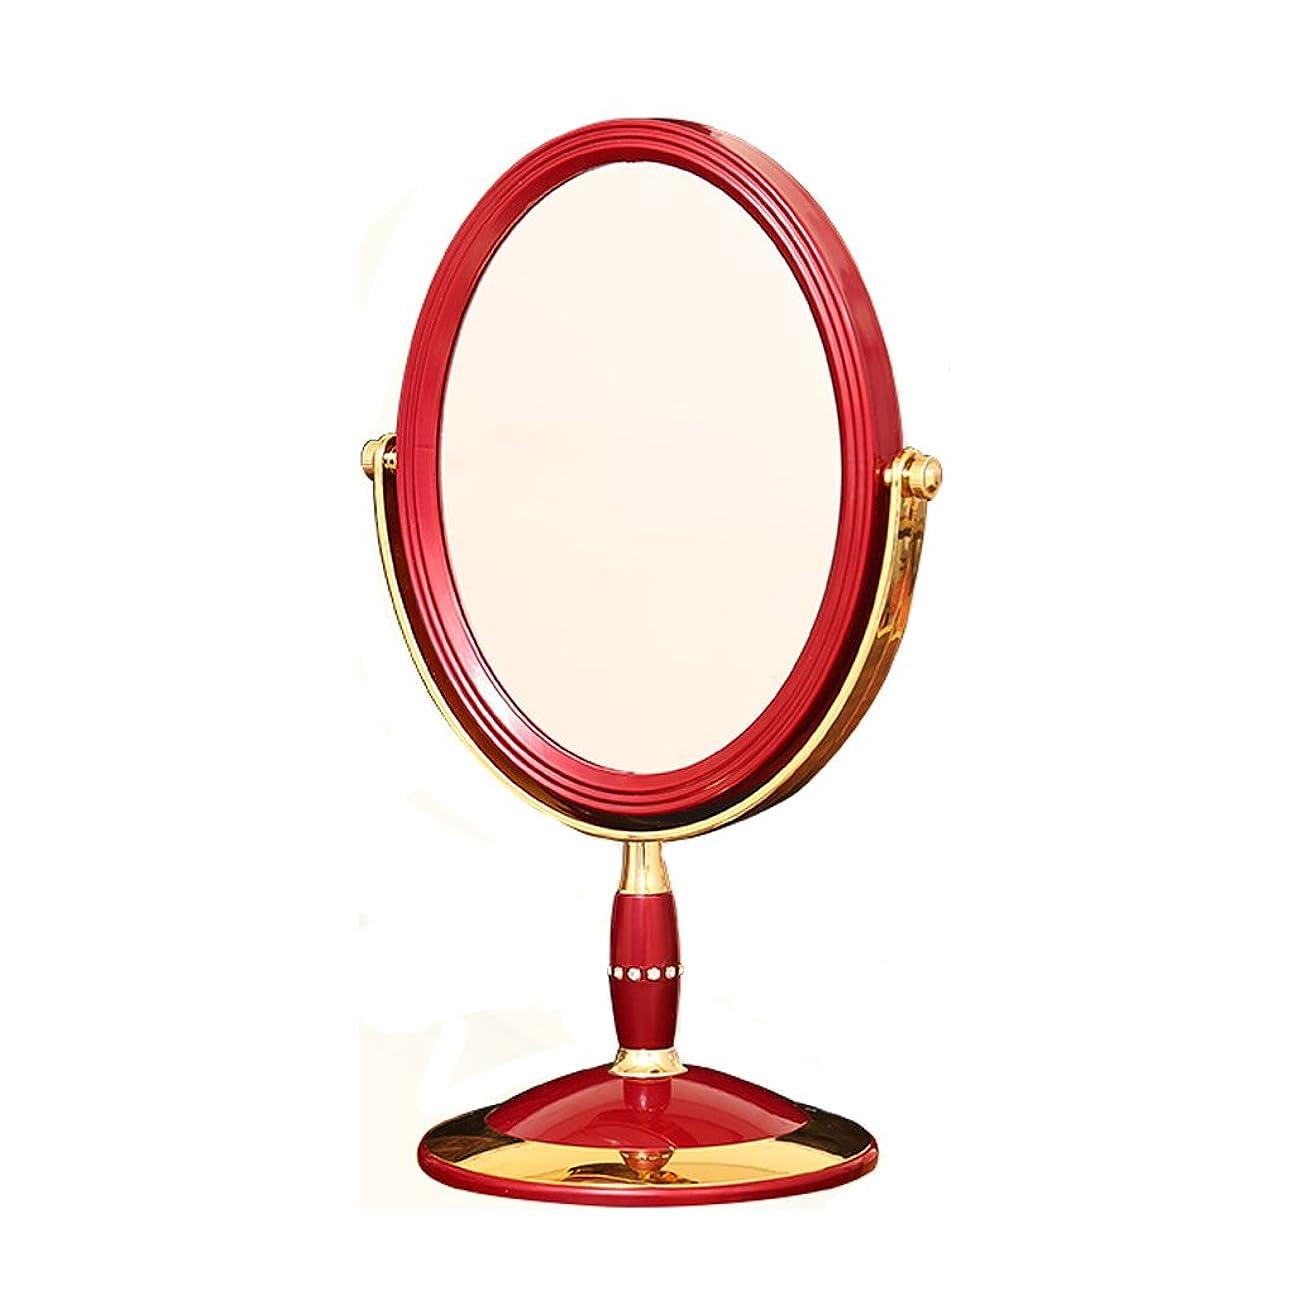 常識次へ習熟度Yxsd 楕円形の両面バニティミラー、赤い卓上の結婚式の洗面化粧鏡 - 30.4 X 19.5センチメートル